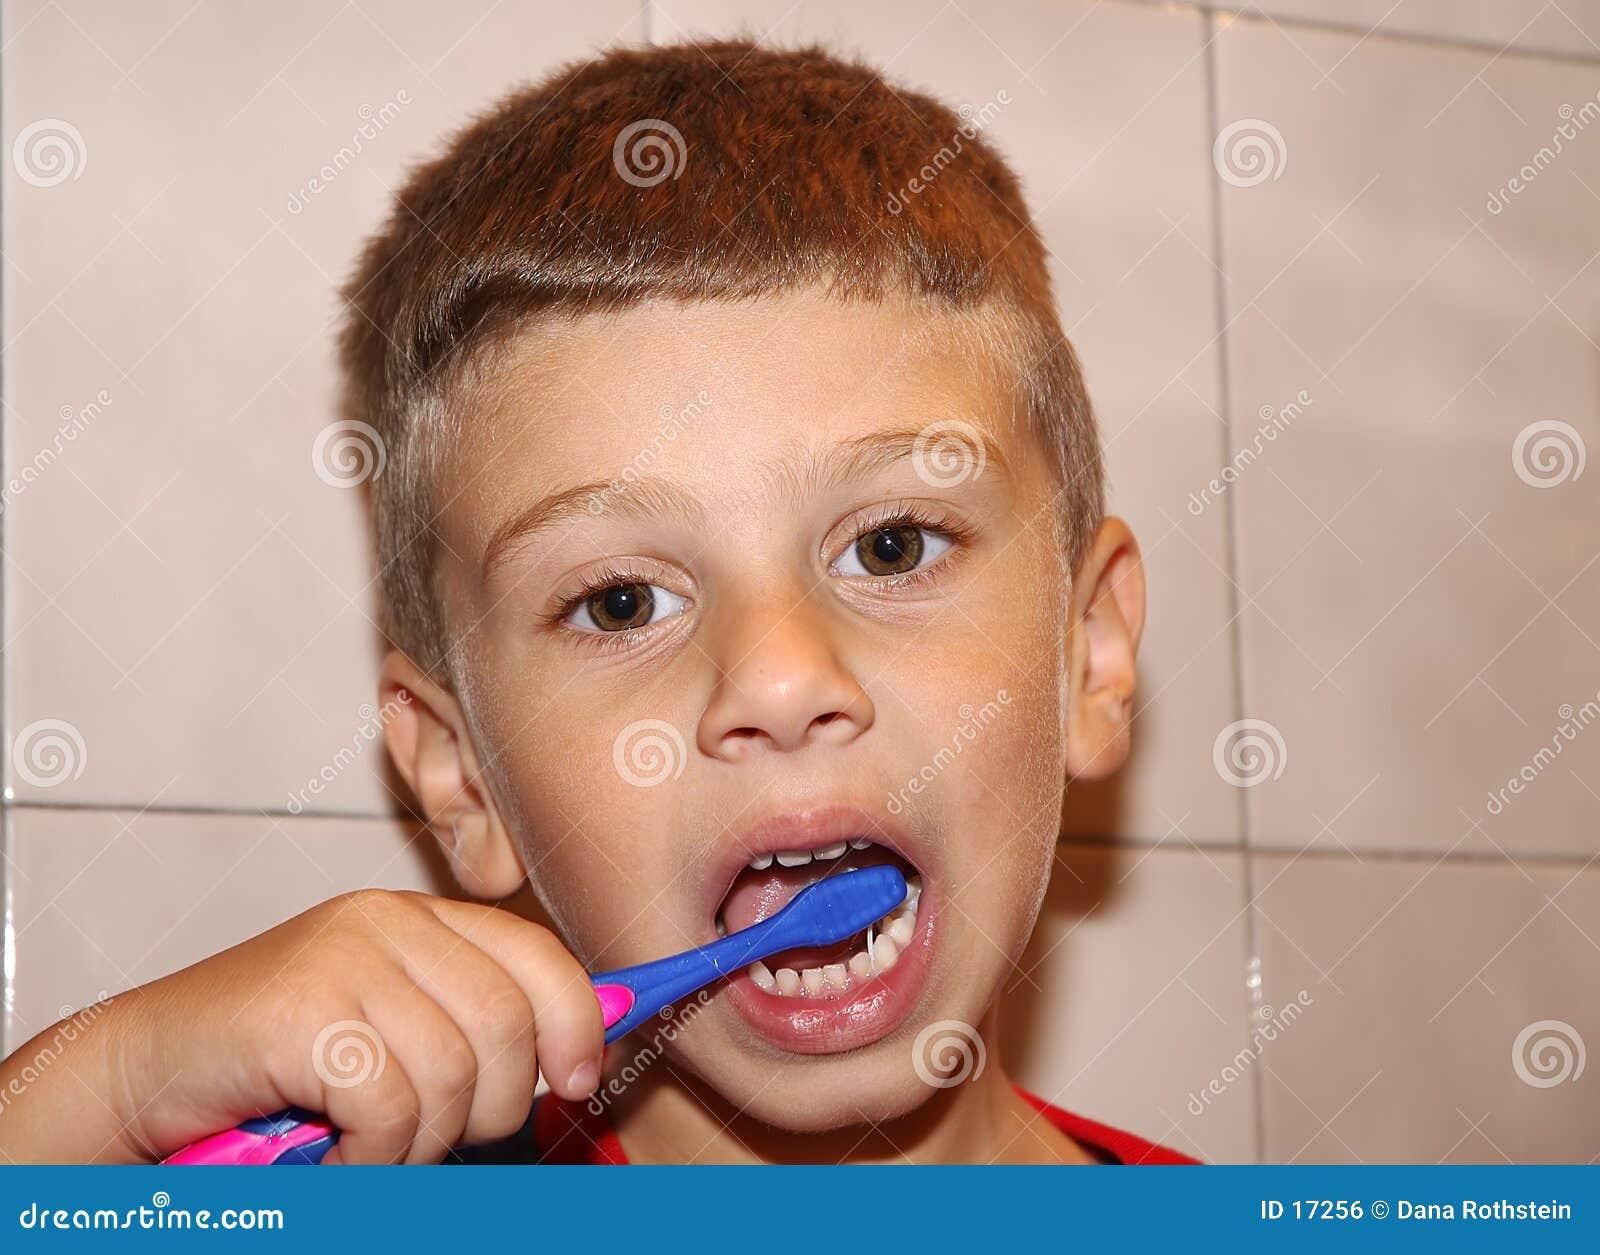 Myć zęby berbecia